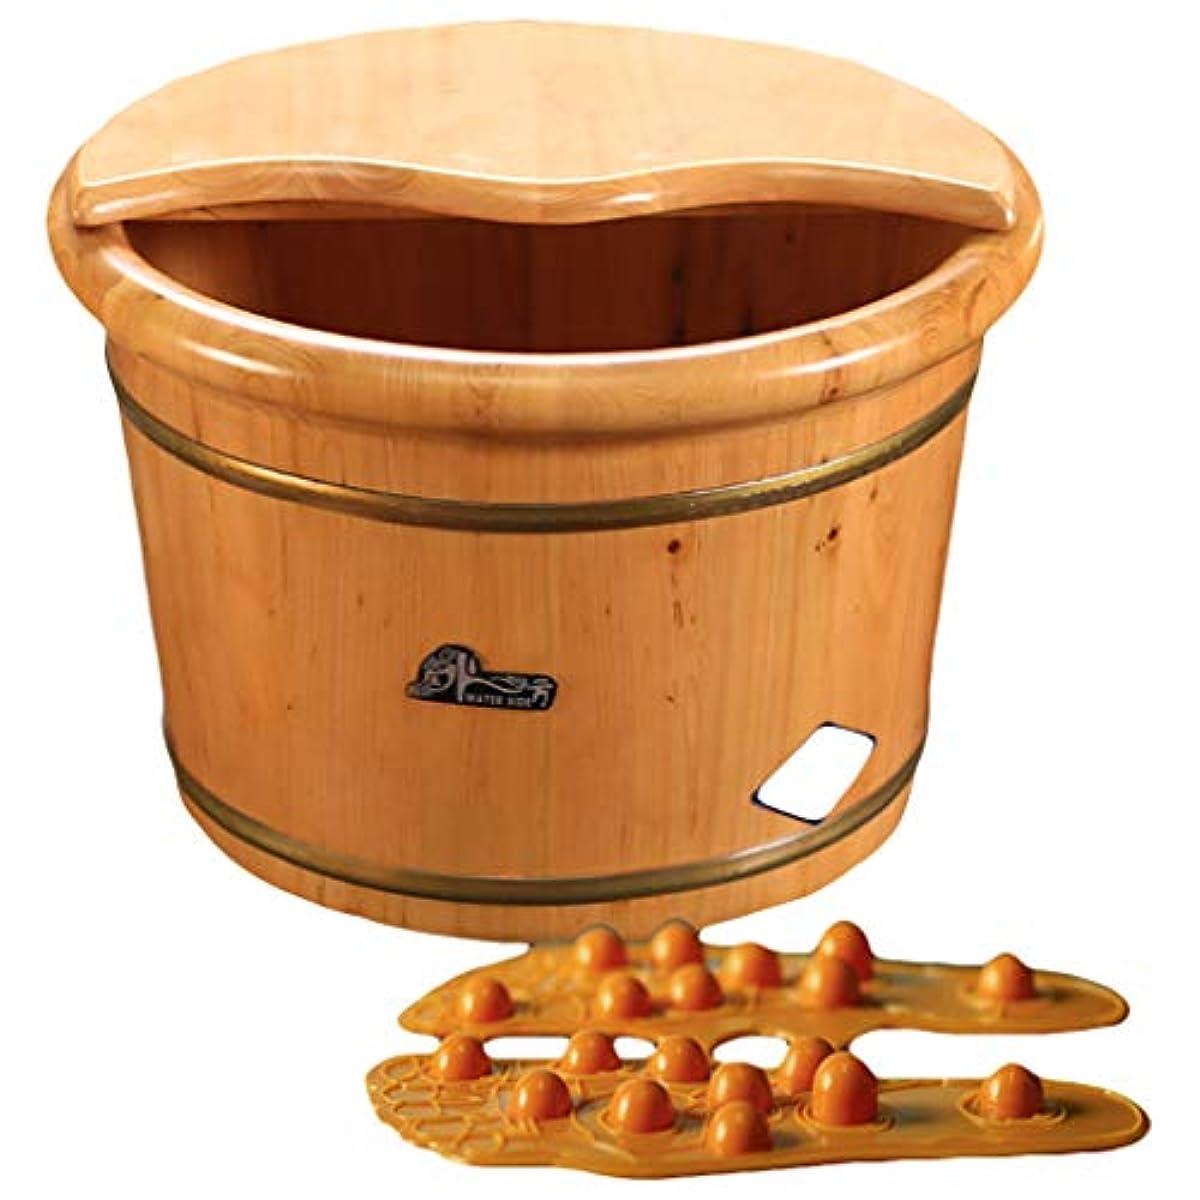 高価な謎めいたせがむ蓋付きの木製マッサージフットスパペディキュアバレル鍼足浴槽足湯木製ステップラダー世帯